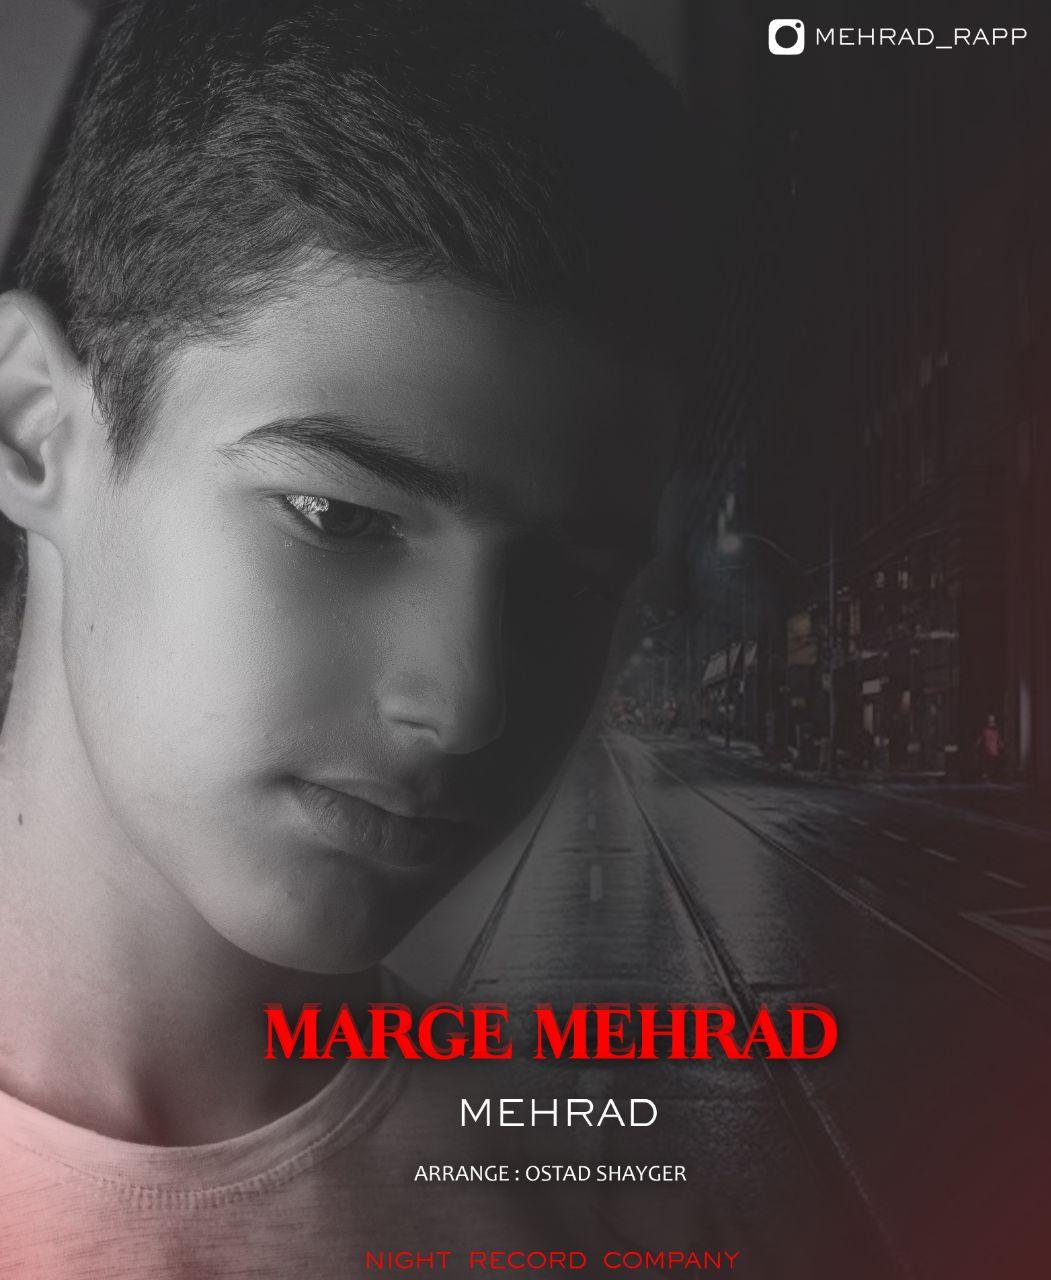 Mehrad – Marge mehrad